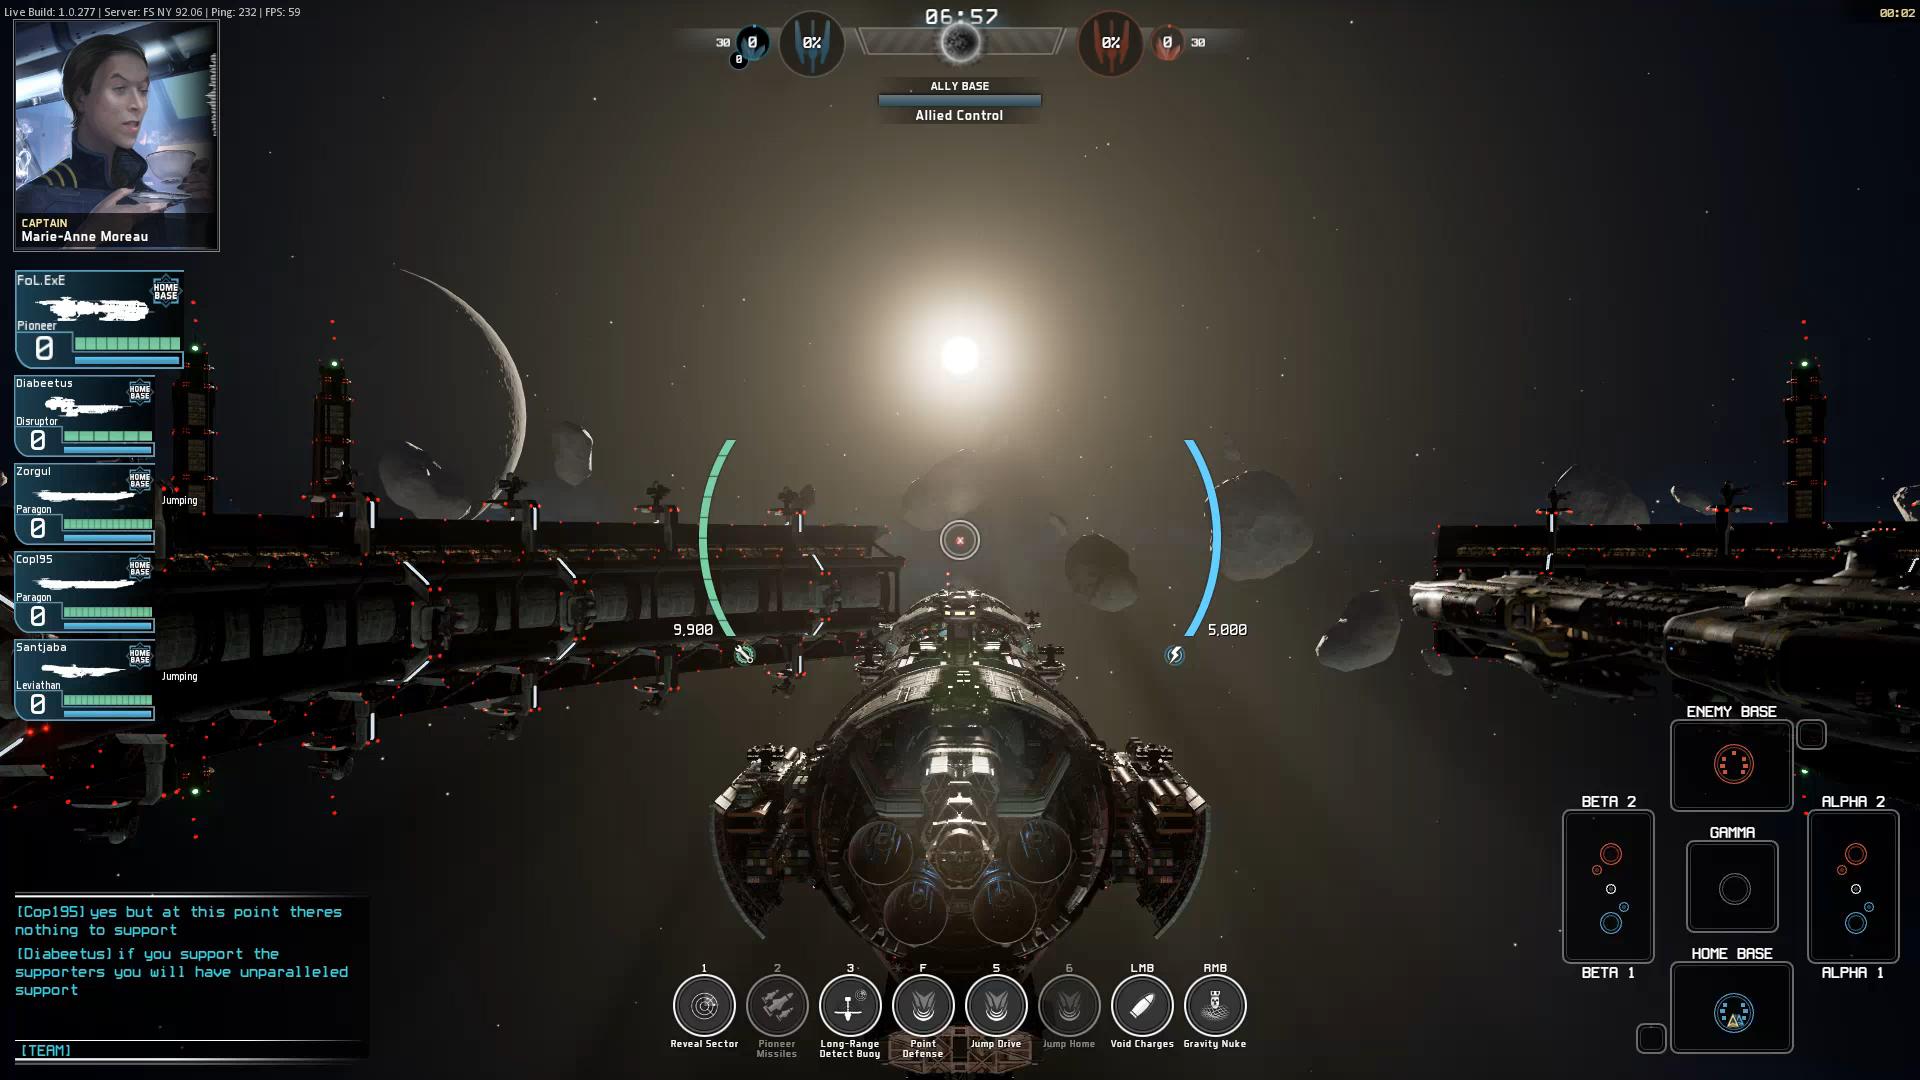 ゲーム画面。通常時は三人称視点で、画面下部の宇宙戦艦を操作する。フライトシムとちがいロールはなく、上下移動でも船首が若干傾くだけ。船体は水平を維持し、カメラの上下が逆になることはない。